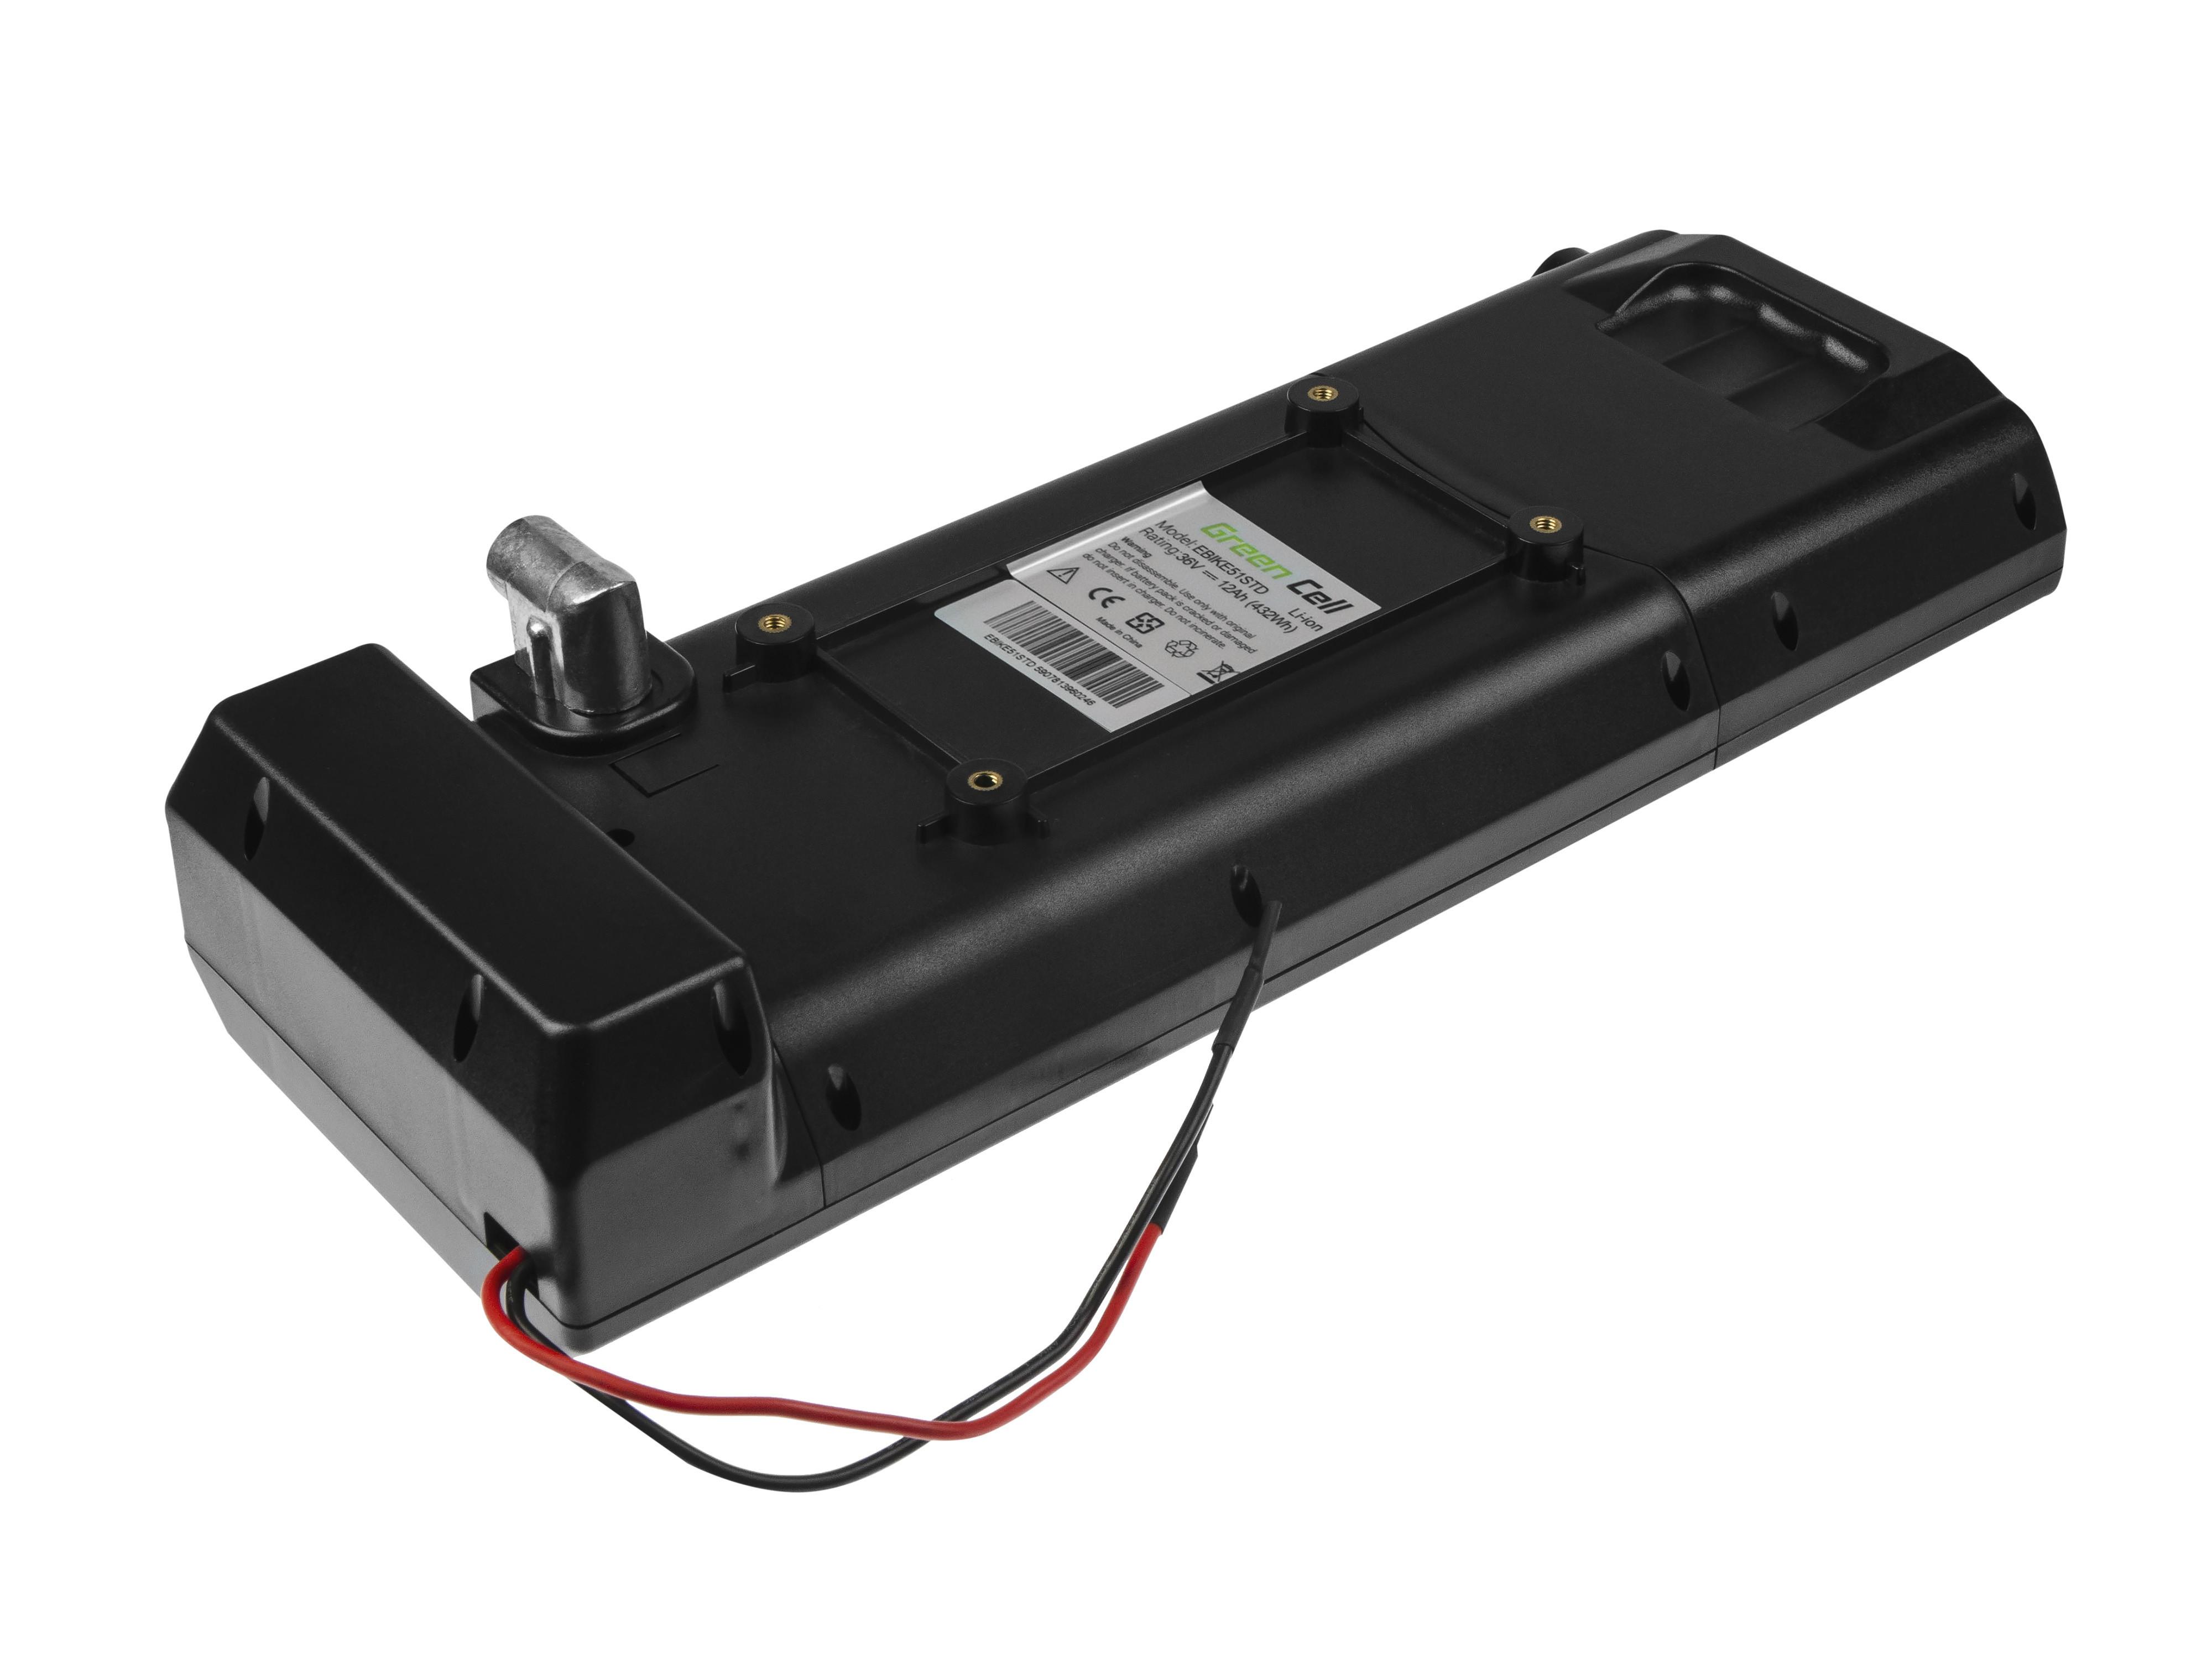 Green Cell Battery 36V 12Ah 432Wh Rear Rack for E-Bike Pedelec